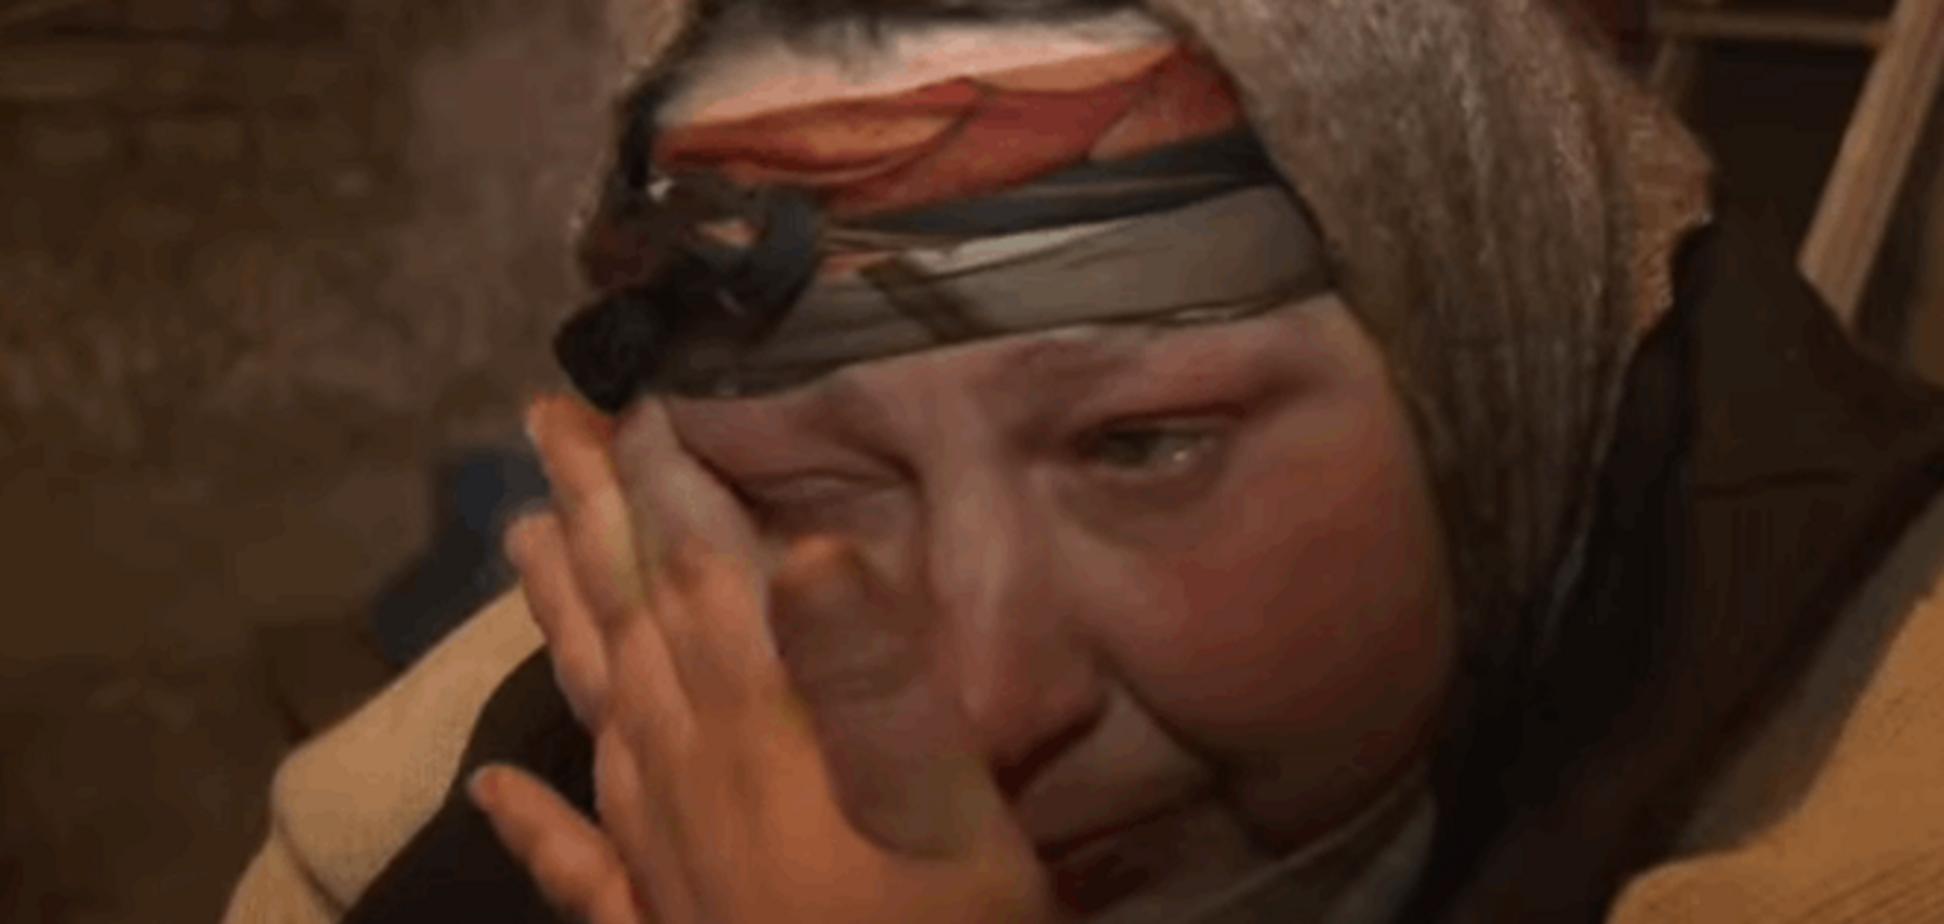 Просочена пропагандою росТВ жінка спробувала пояснити, чому 'Донбас захотів відокремитися': відеофакт